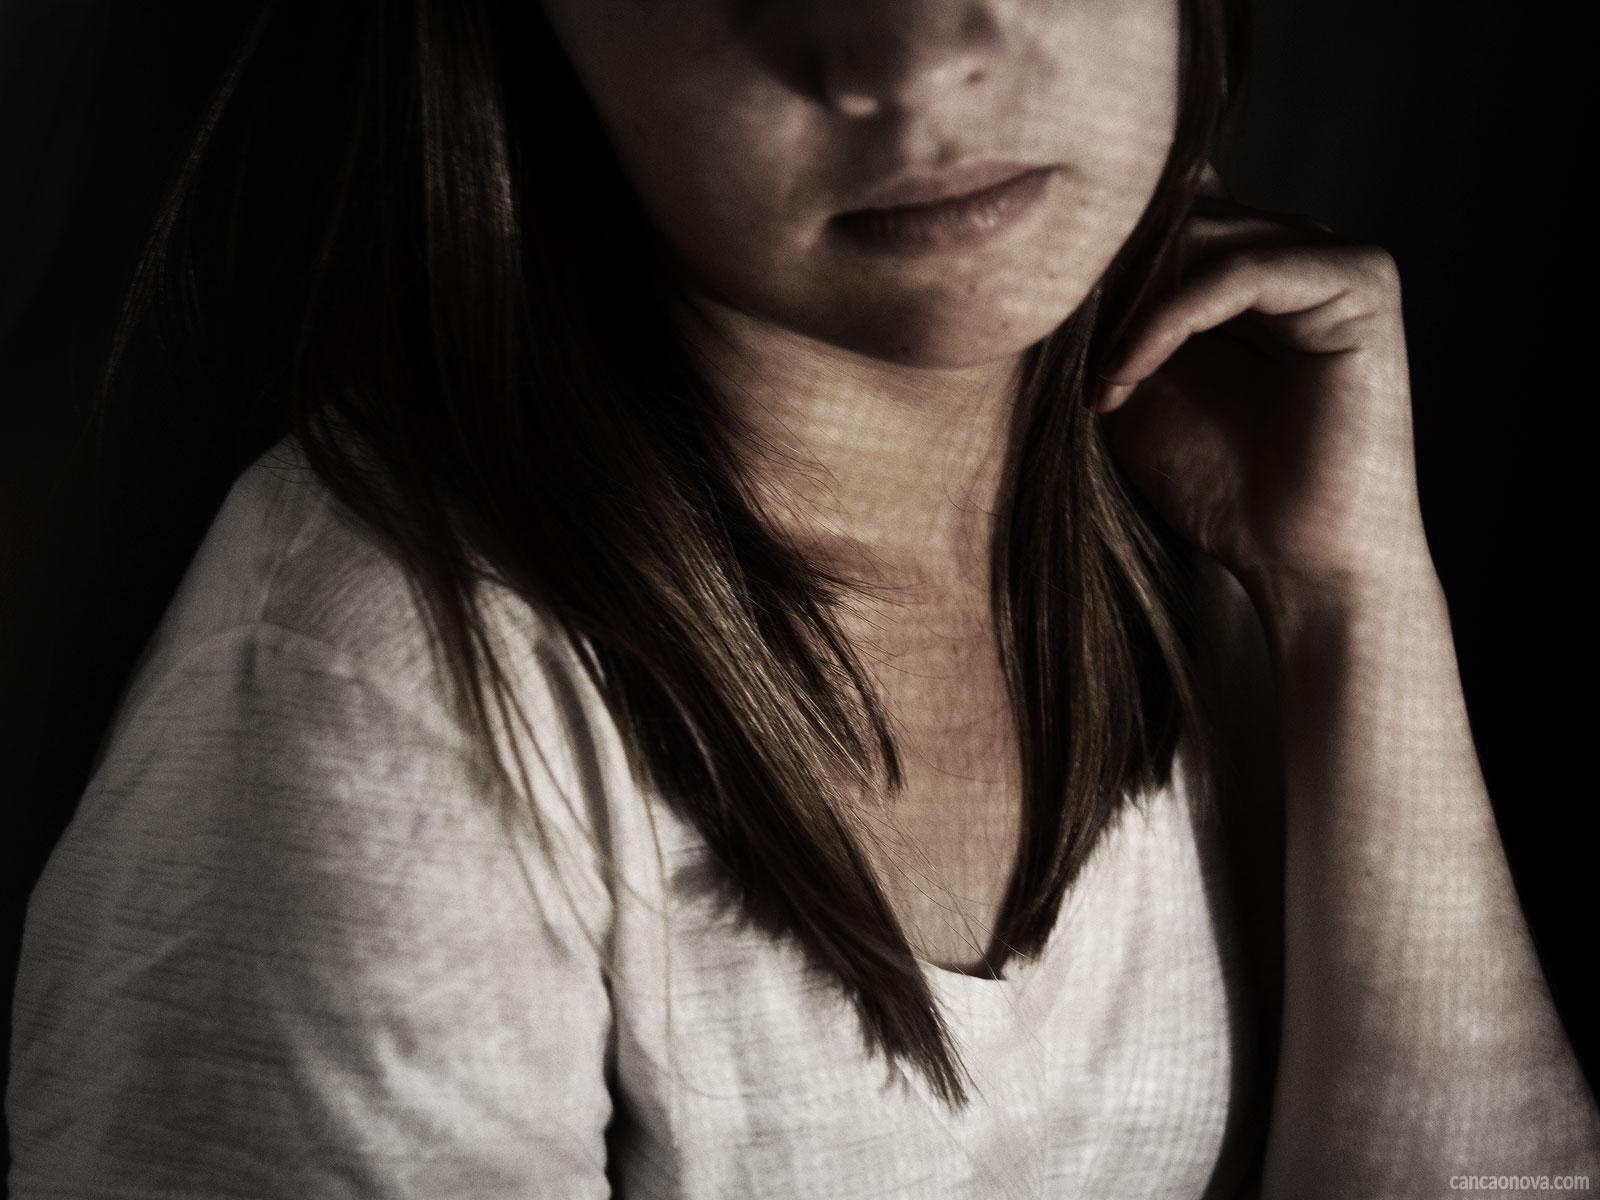 A-cura-da-alma-feminina---Cura-da-carência-afetiva